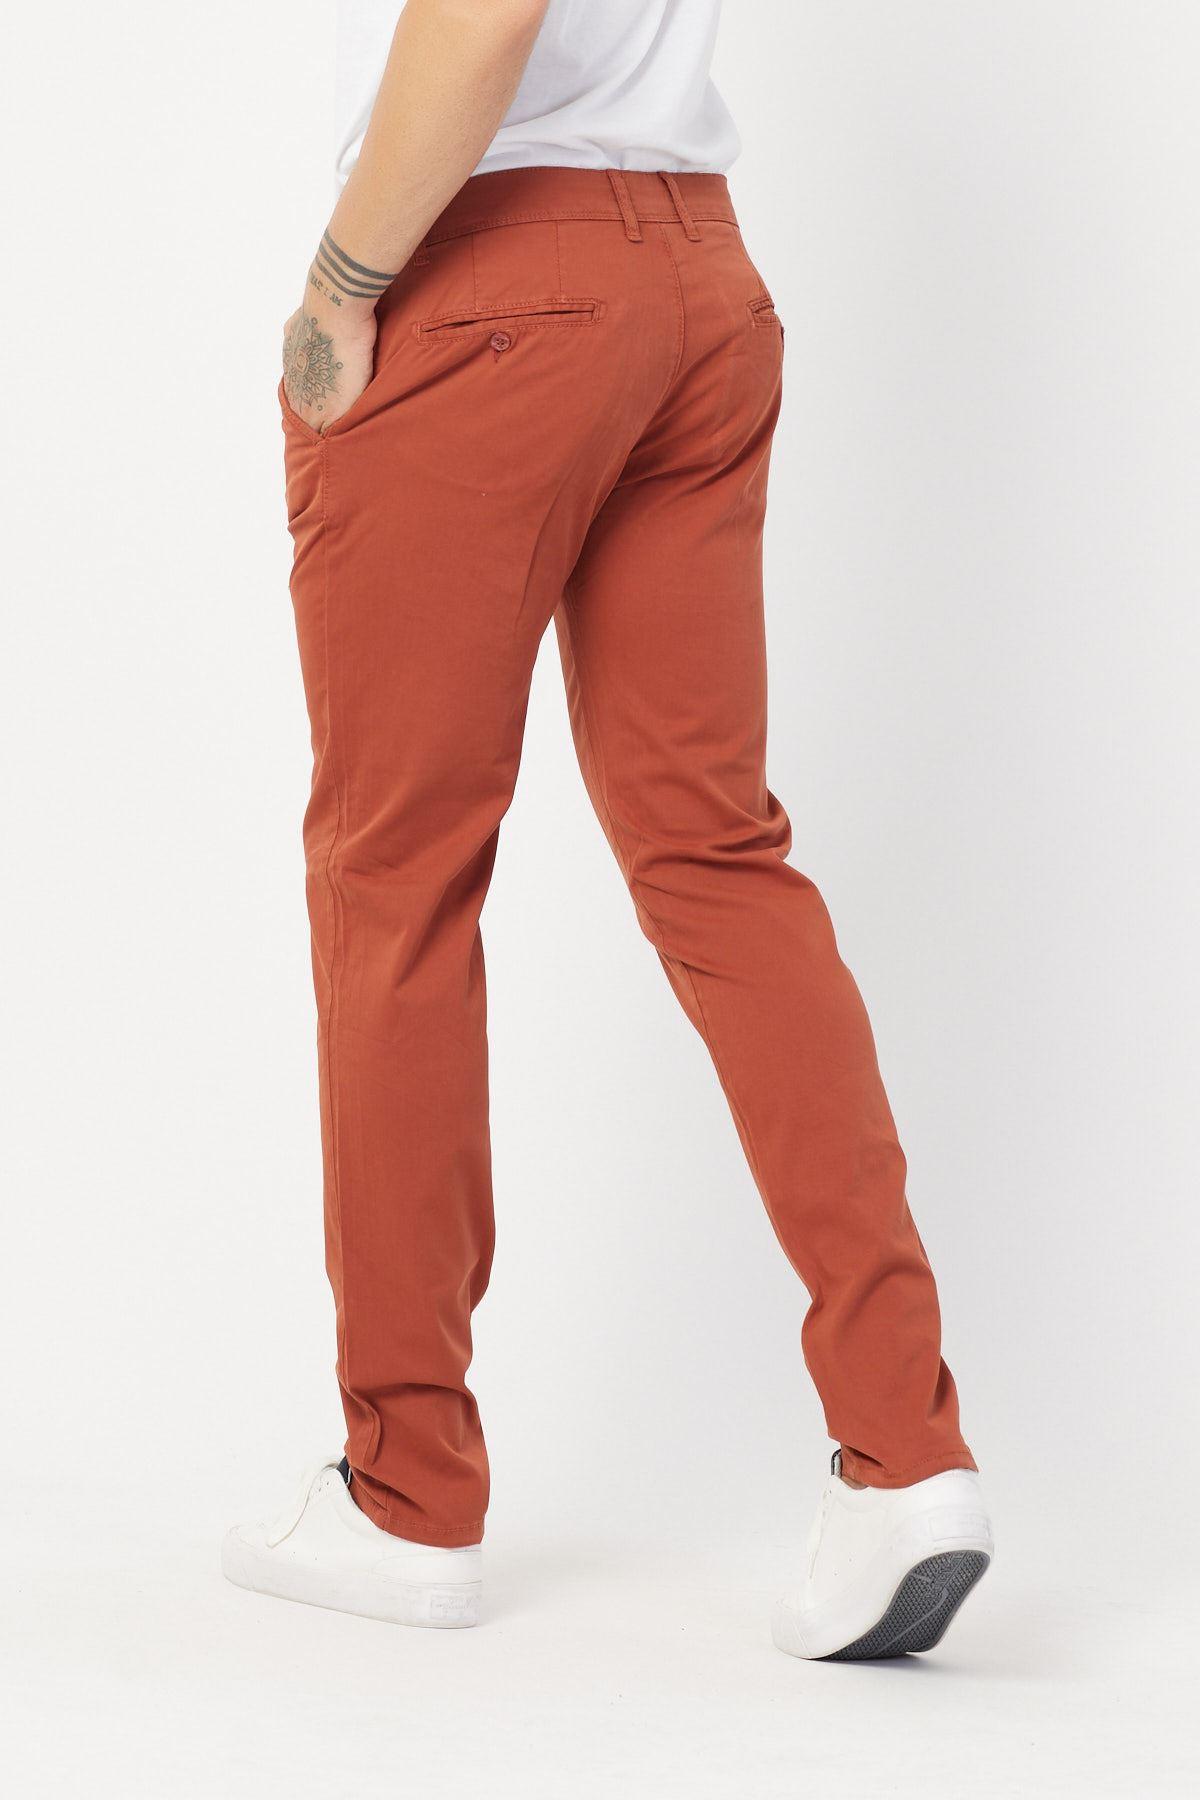 Yandan Cepli Kiremit Keten Pantolon